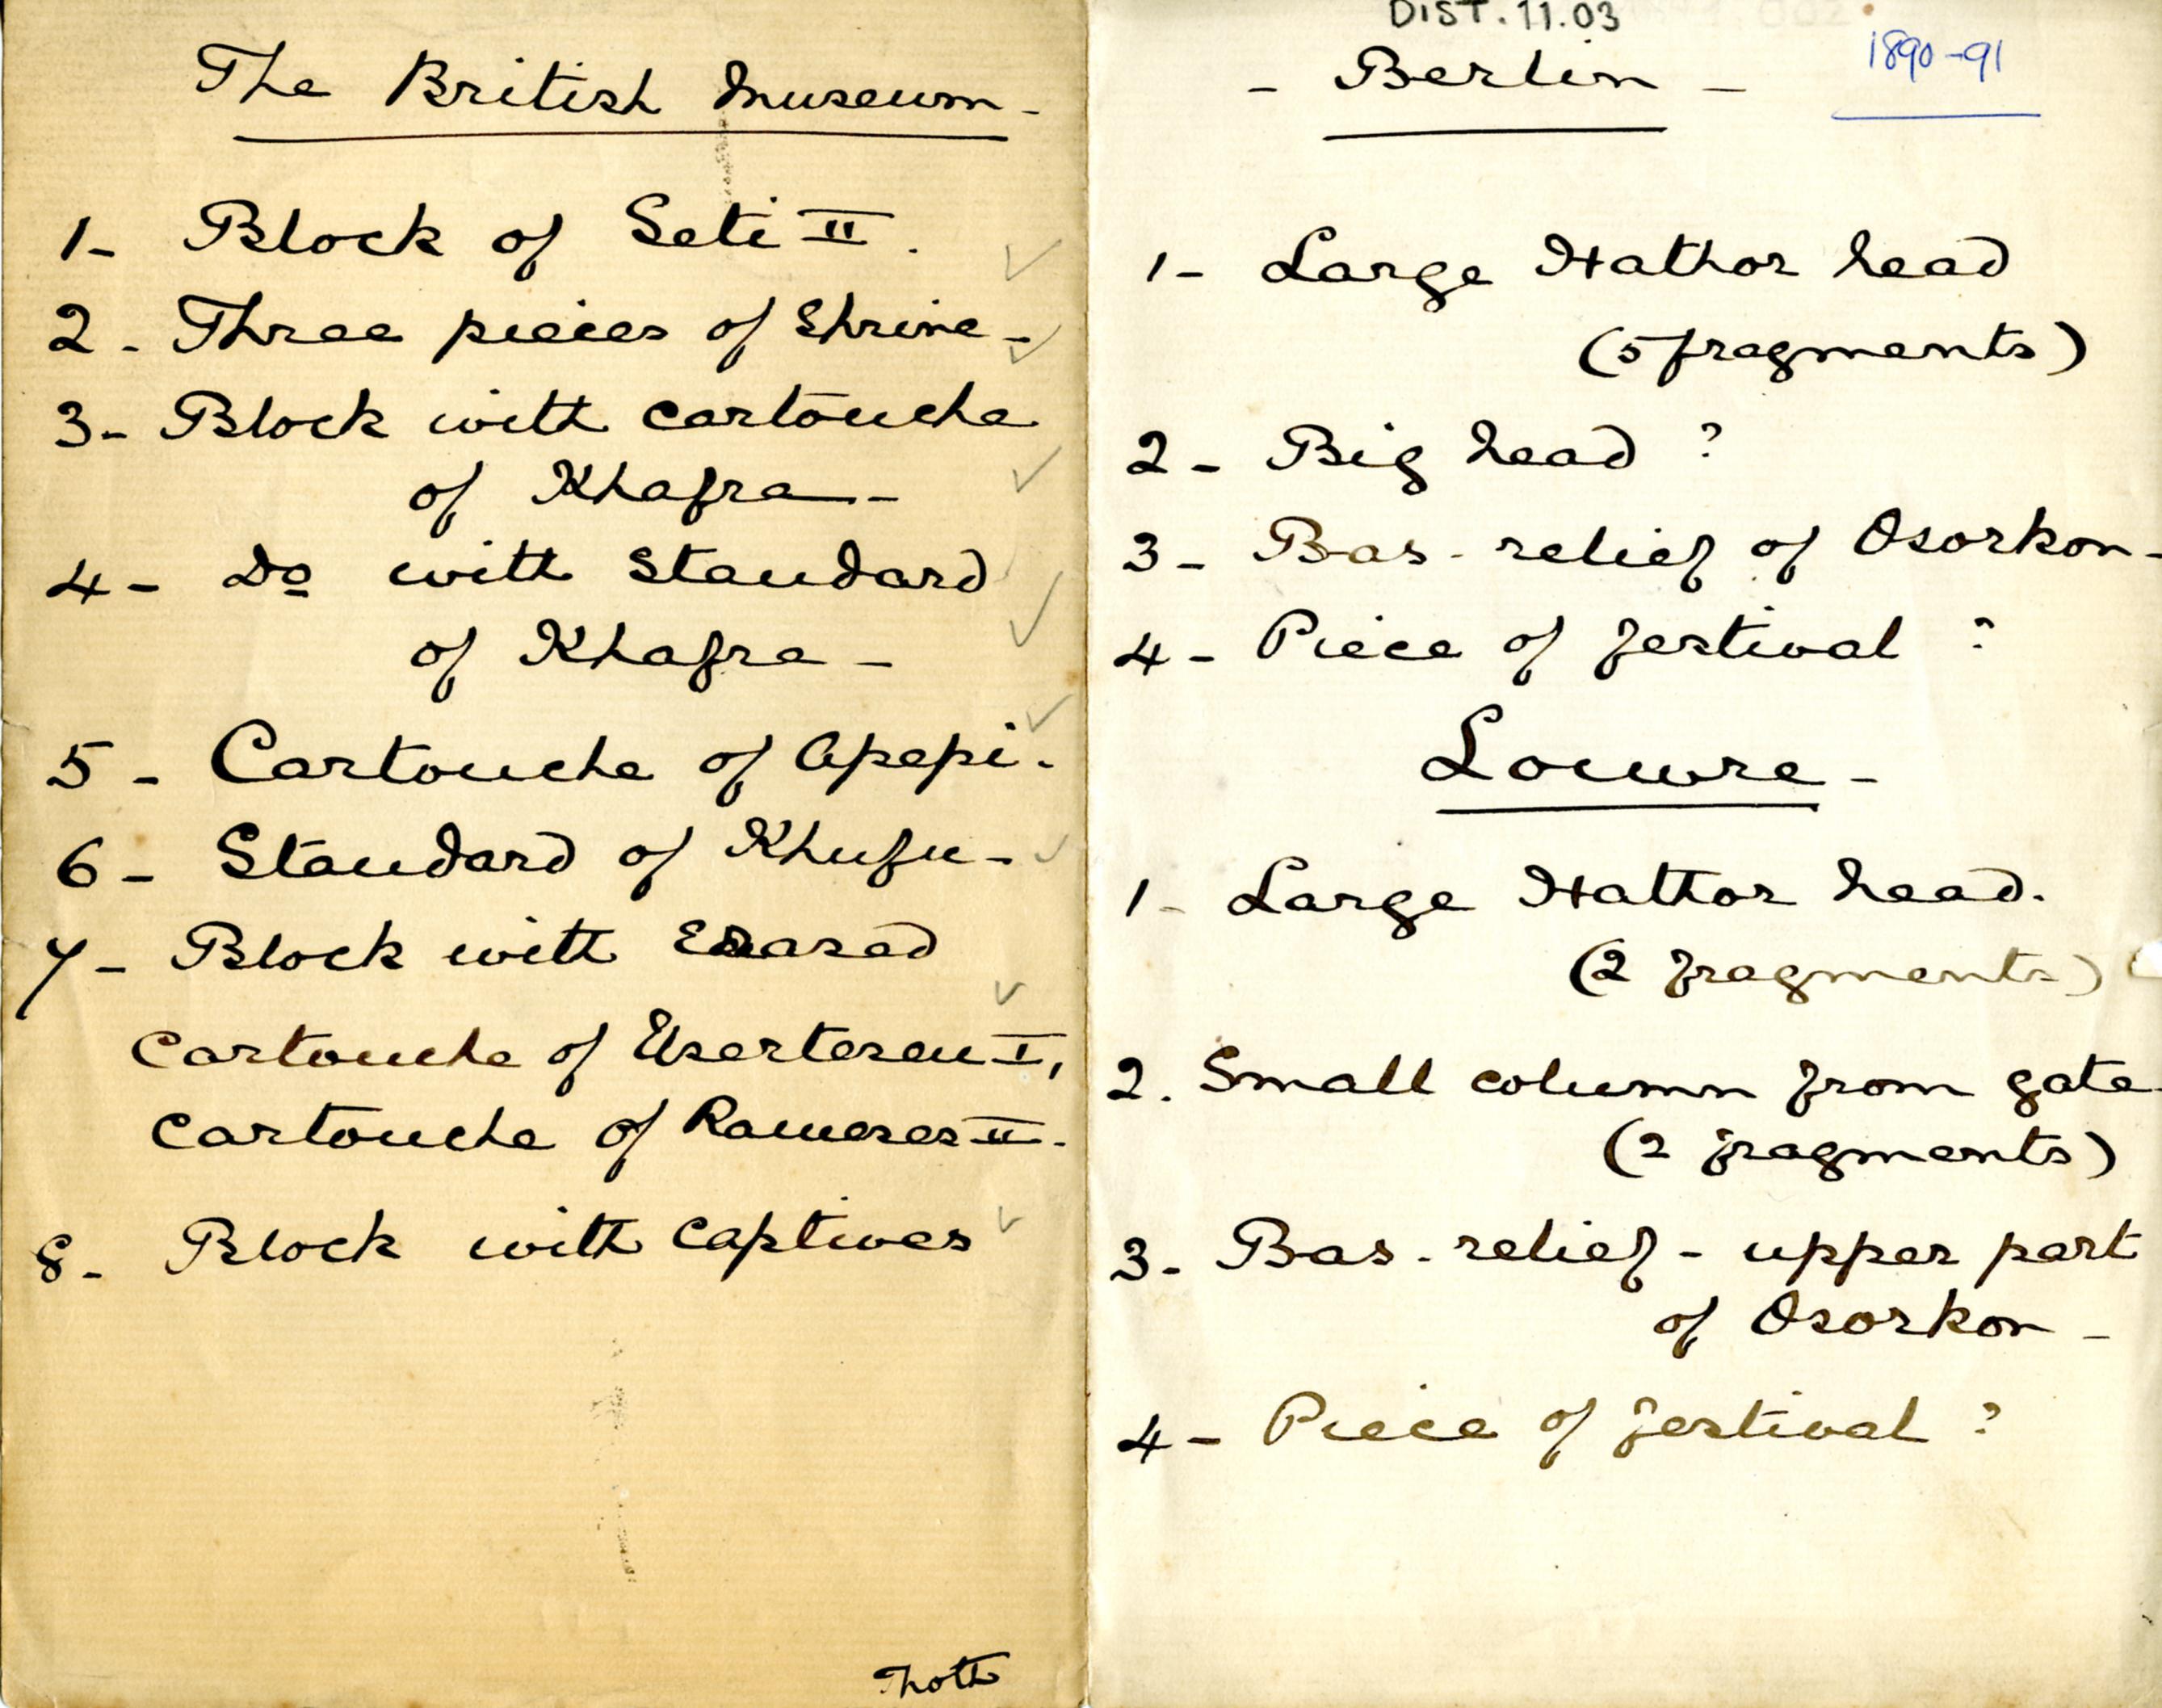 1890-91 Ihnasya DIST.11.03